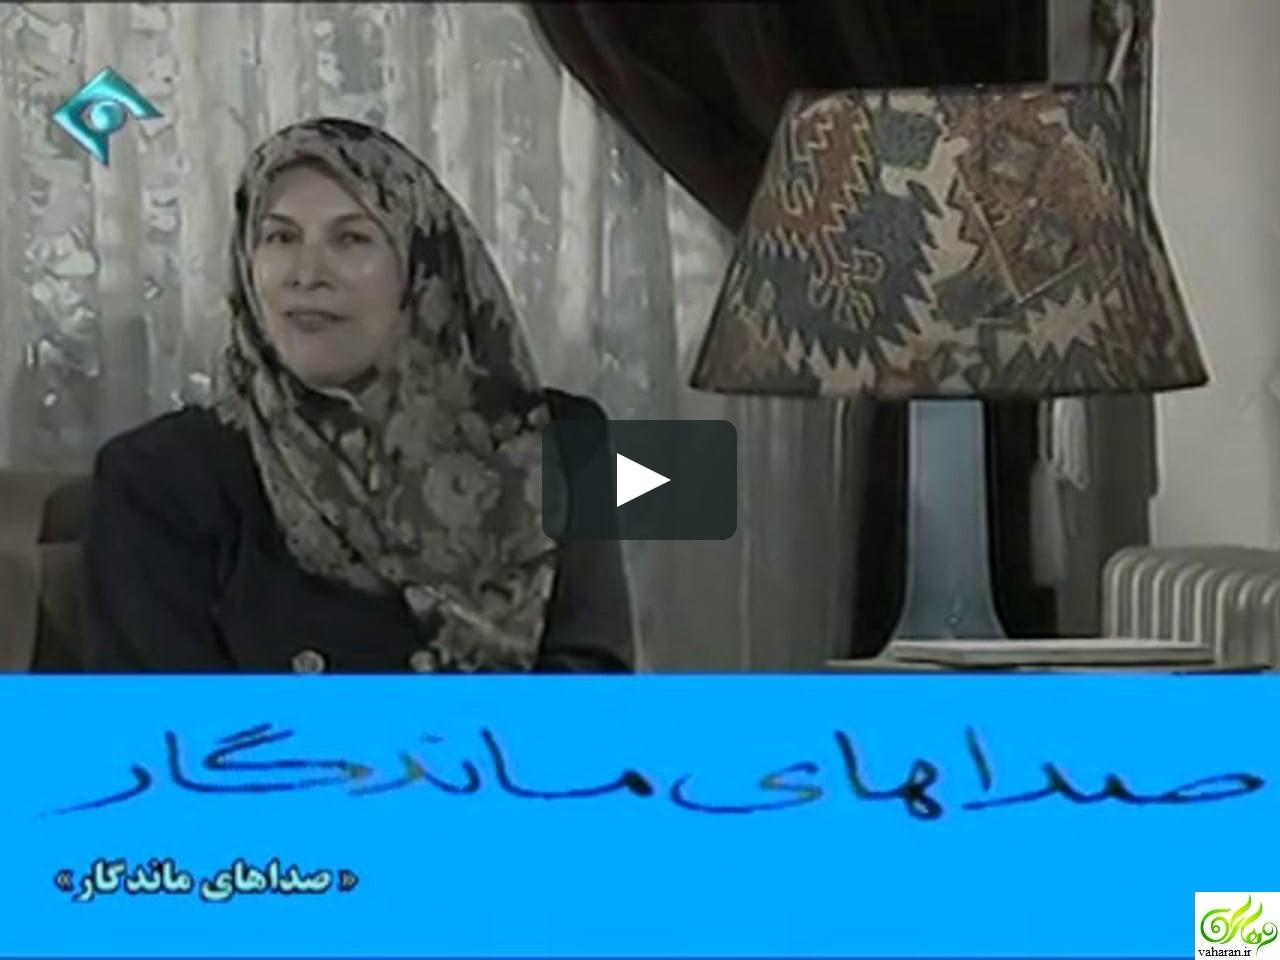 درگذشت مهین کسمایی پیشکسوت دوبله + عکس و بیوگرافی